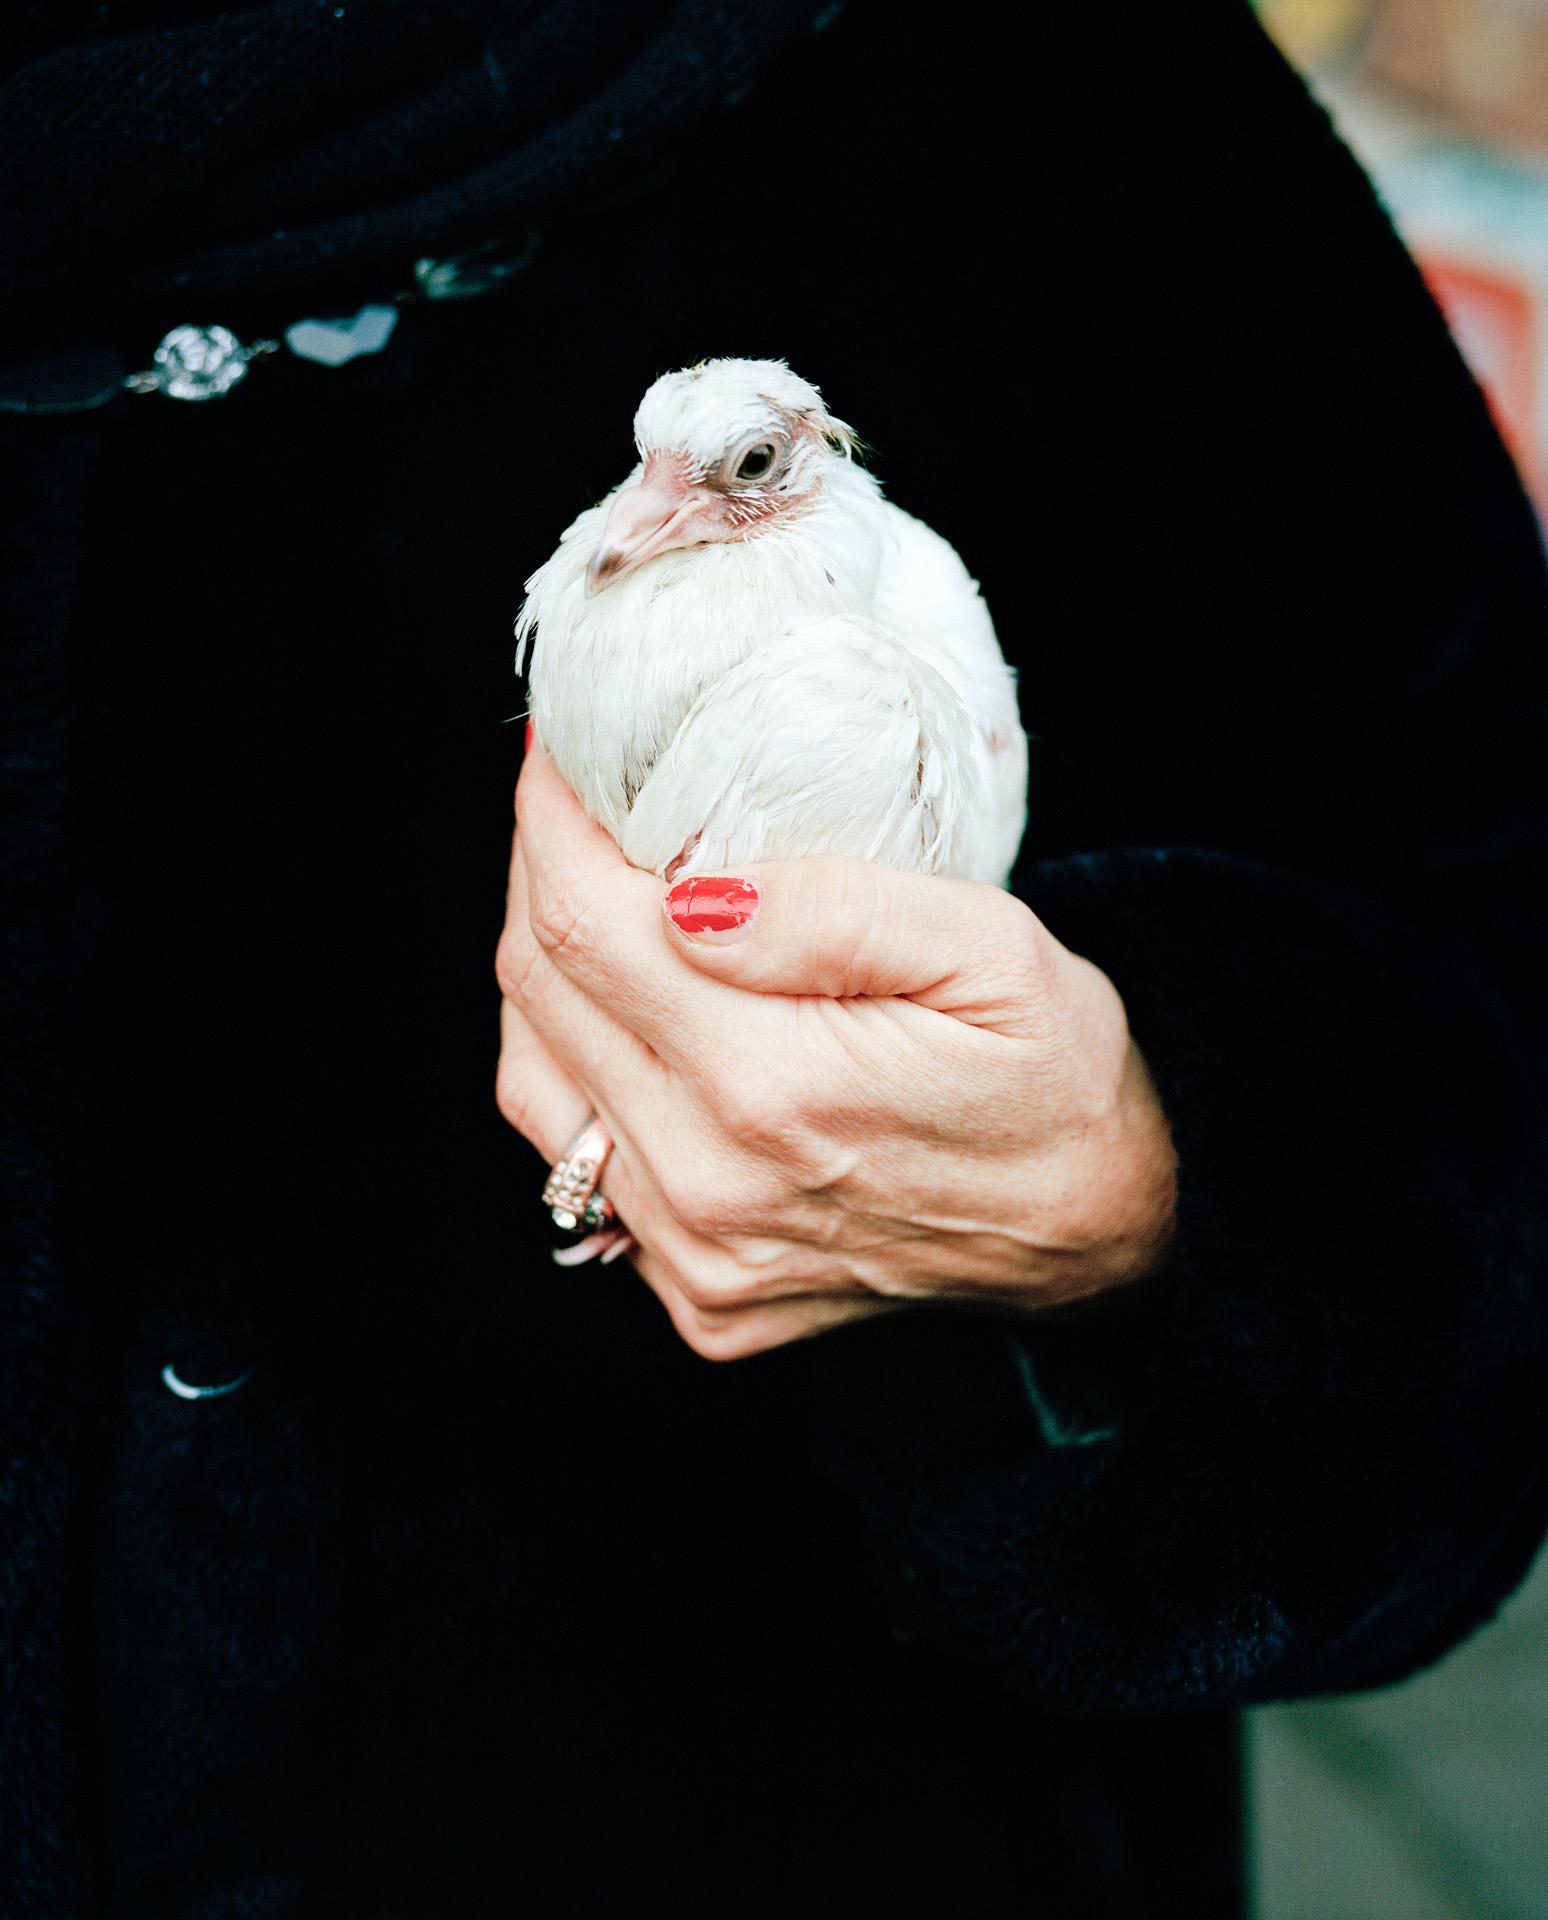 Fabian_Fiechter_HAND_WITH_A_BIRD_2012-01